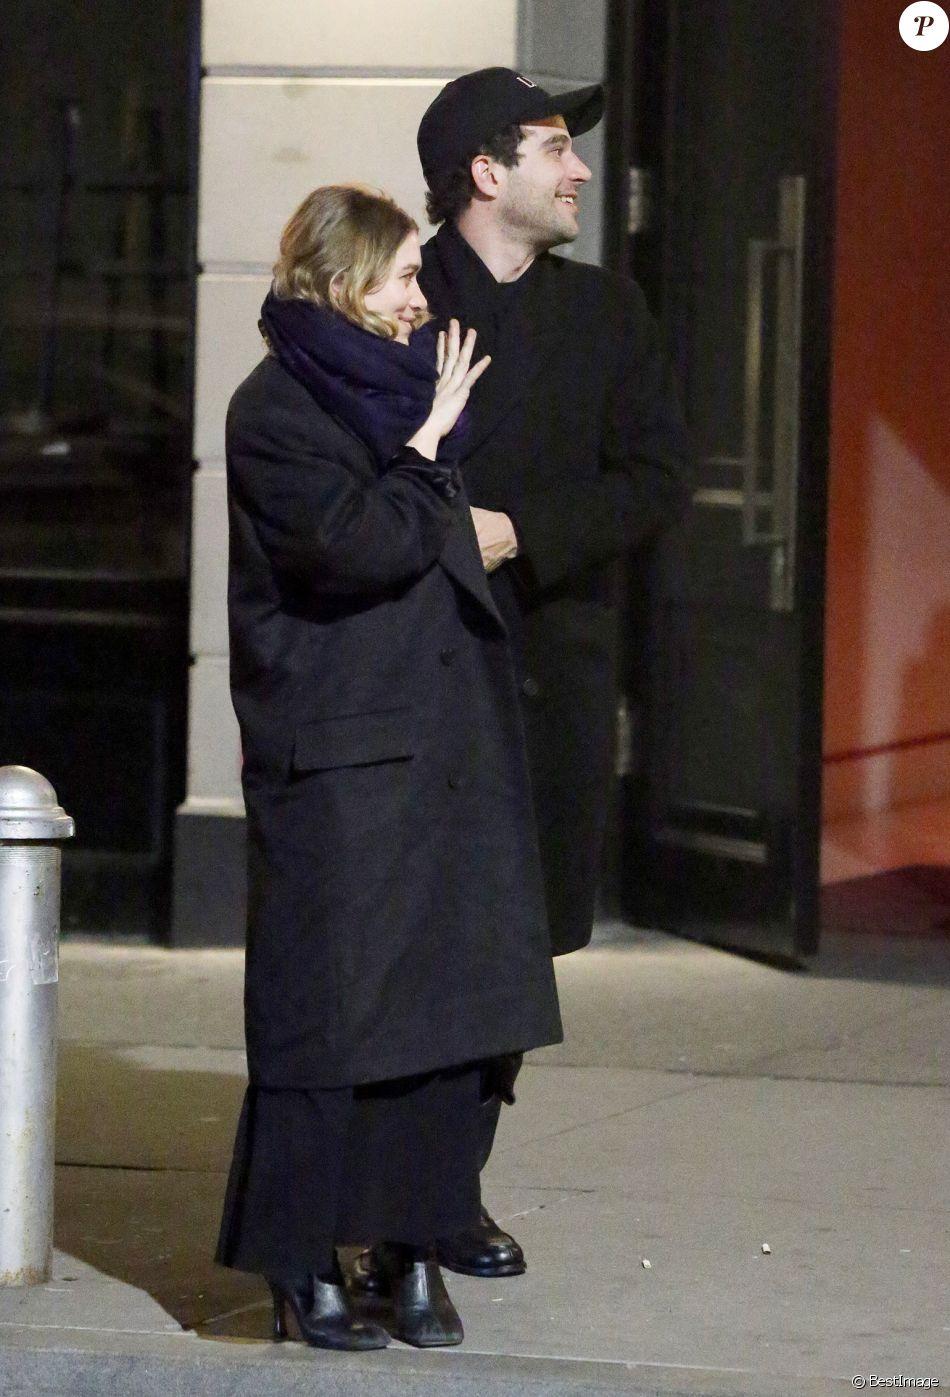 Exclusif - Ashley Olsen et son compagnon Louis Eisner lors d'une sortie nocturne à New York le 13 janvier 2019.